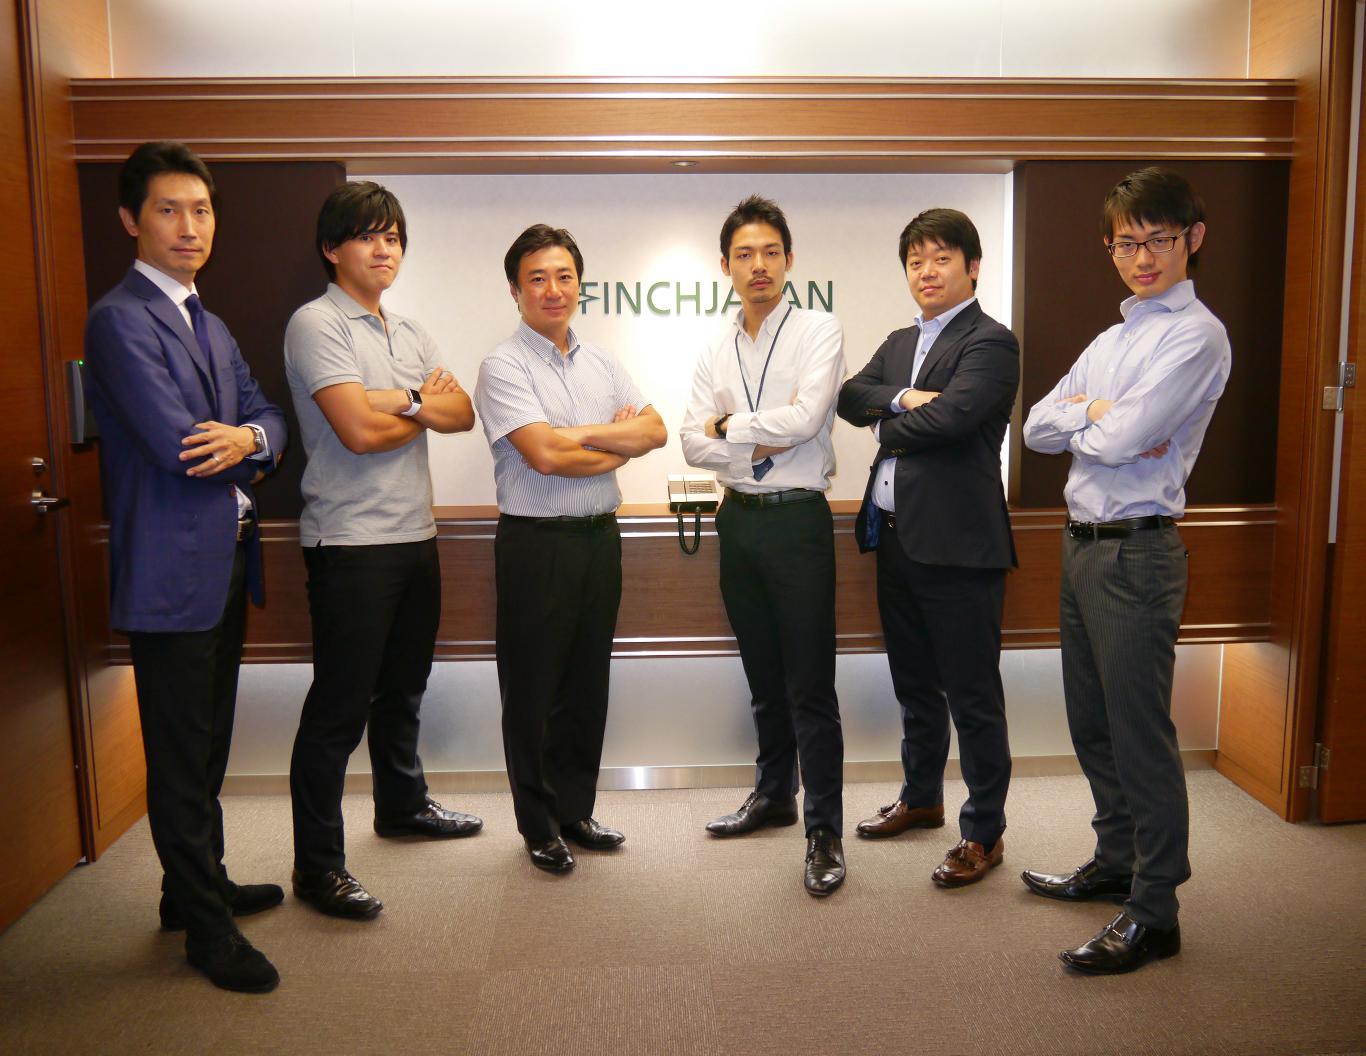 多様なバックボーンから成る事業開発チーム